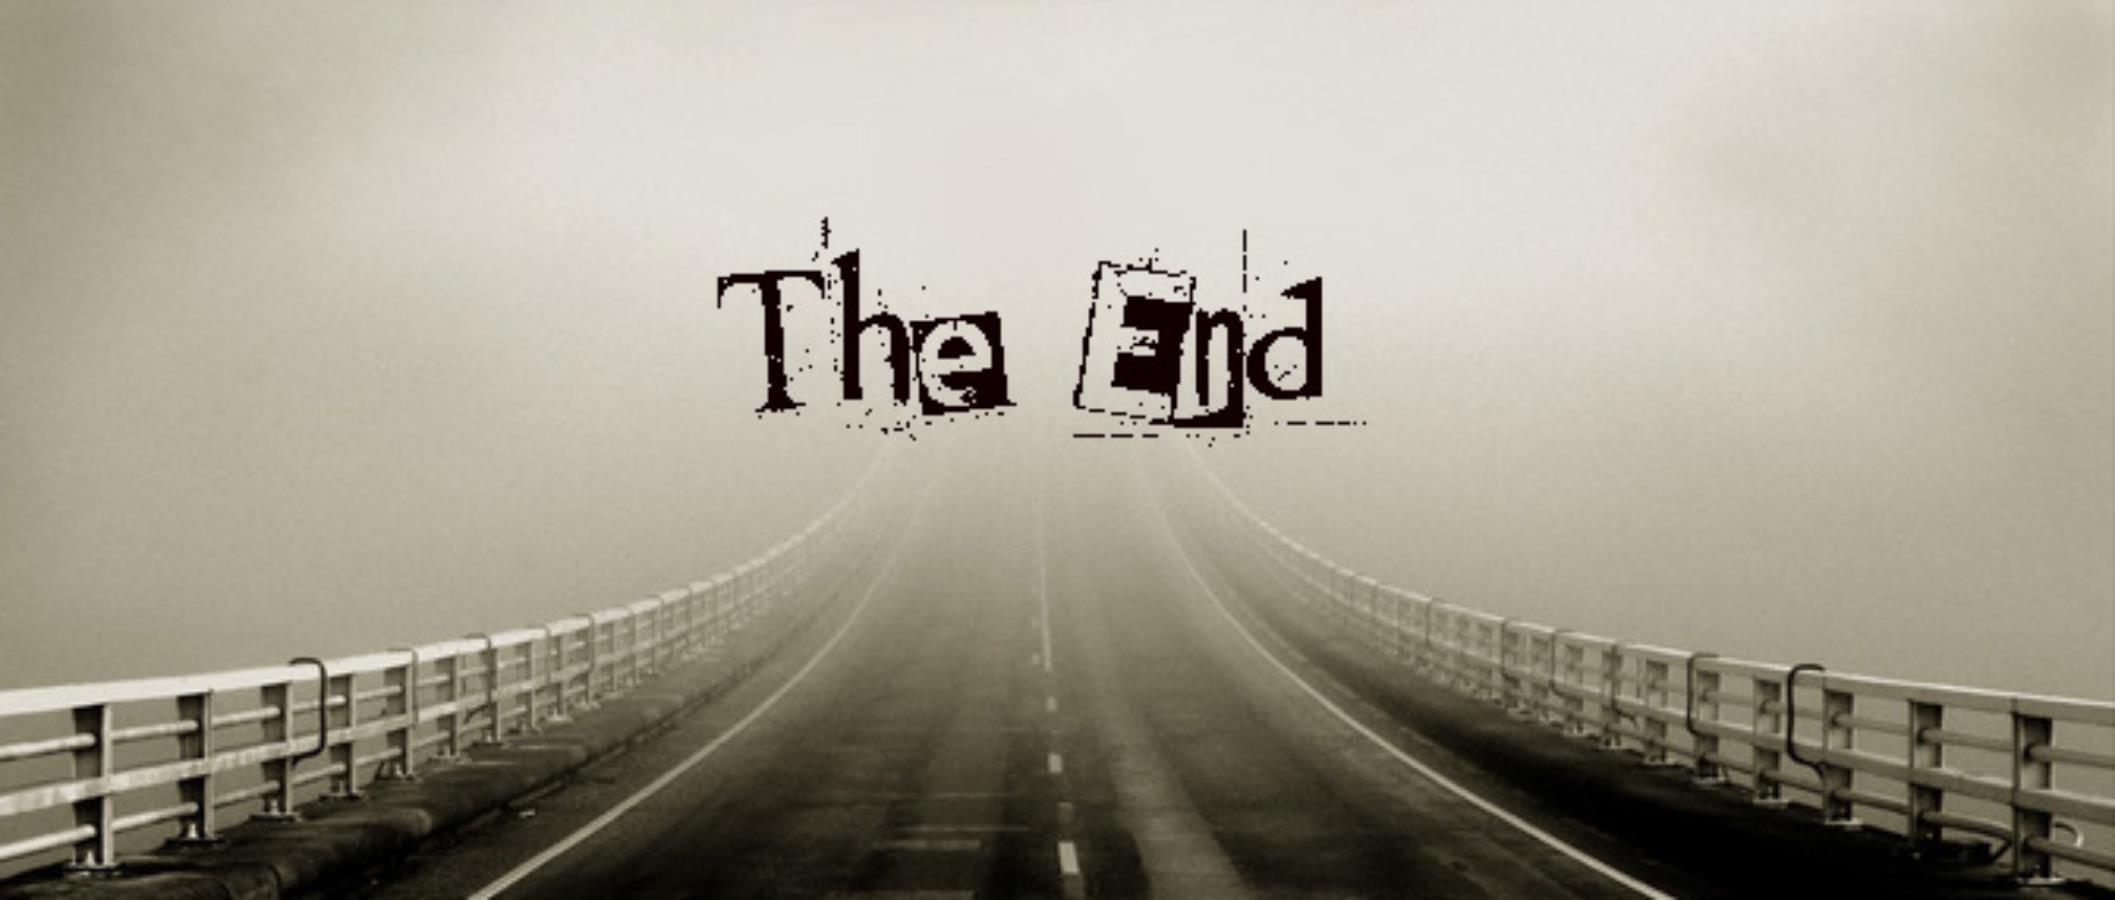 Красивые картинки со смыслом со словом Конец, The End - сборка 8